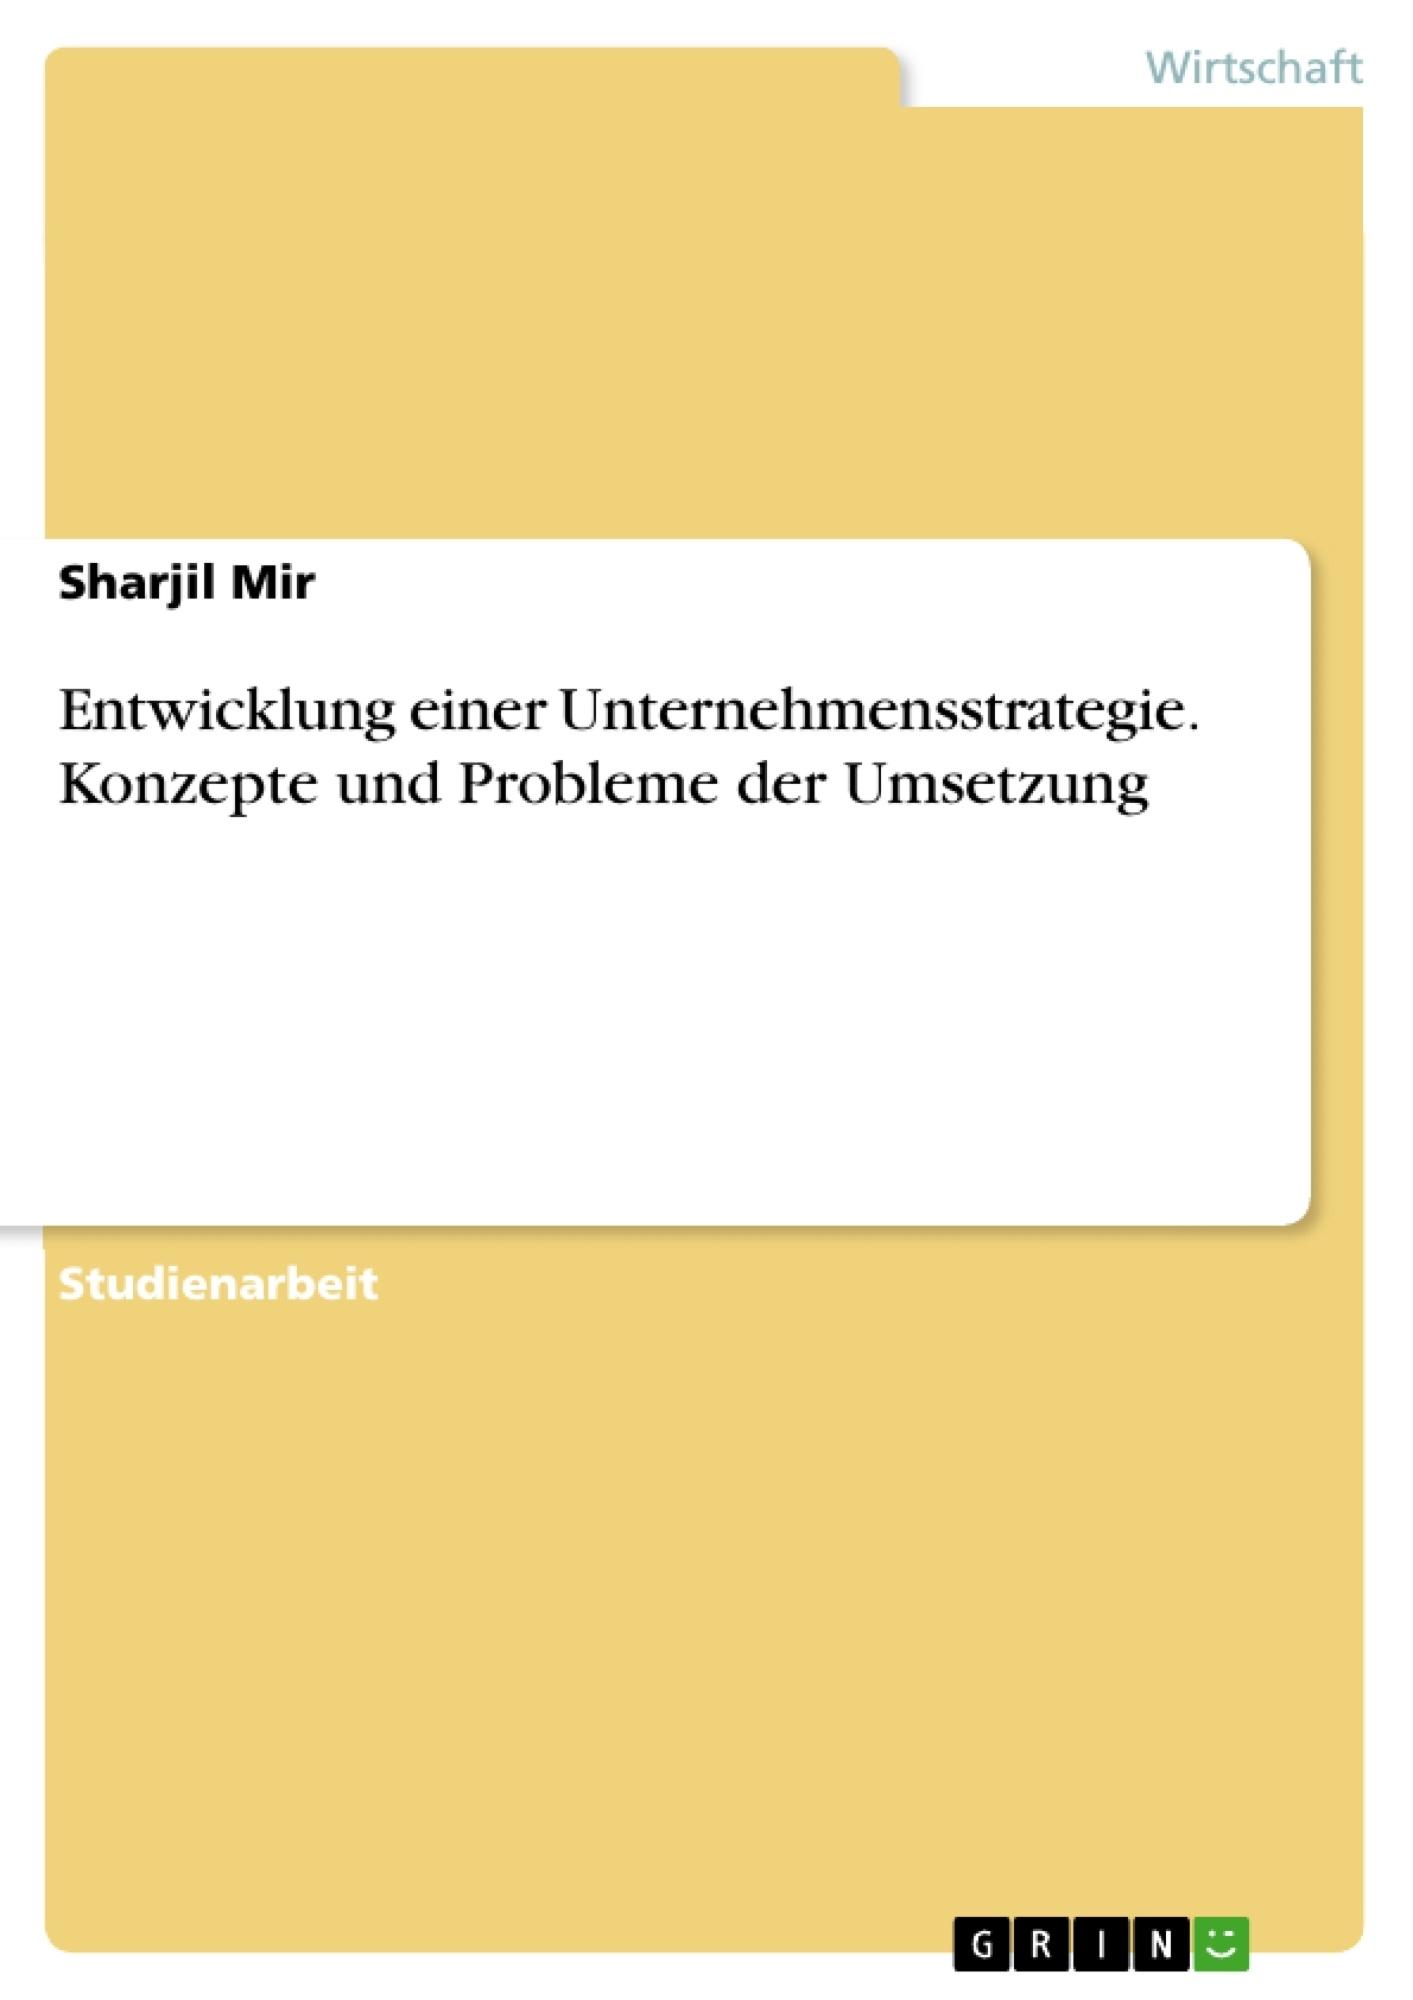 Titel: Entwicklung einer Unternehmensstrategie. Konzepte und Probleme der Umsetzung